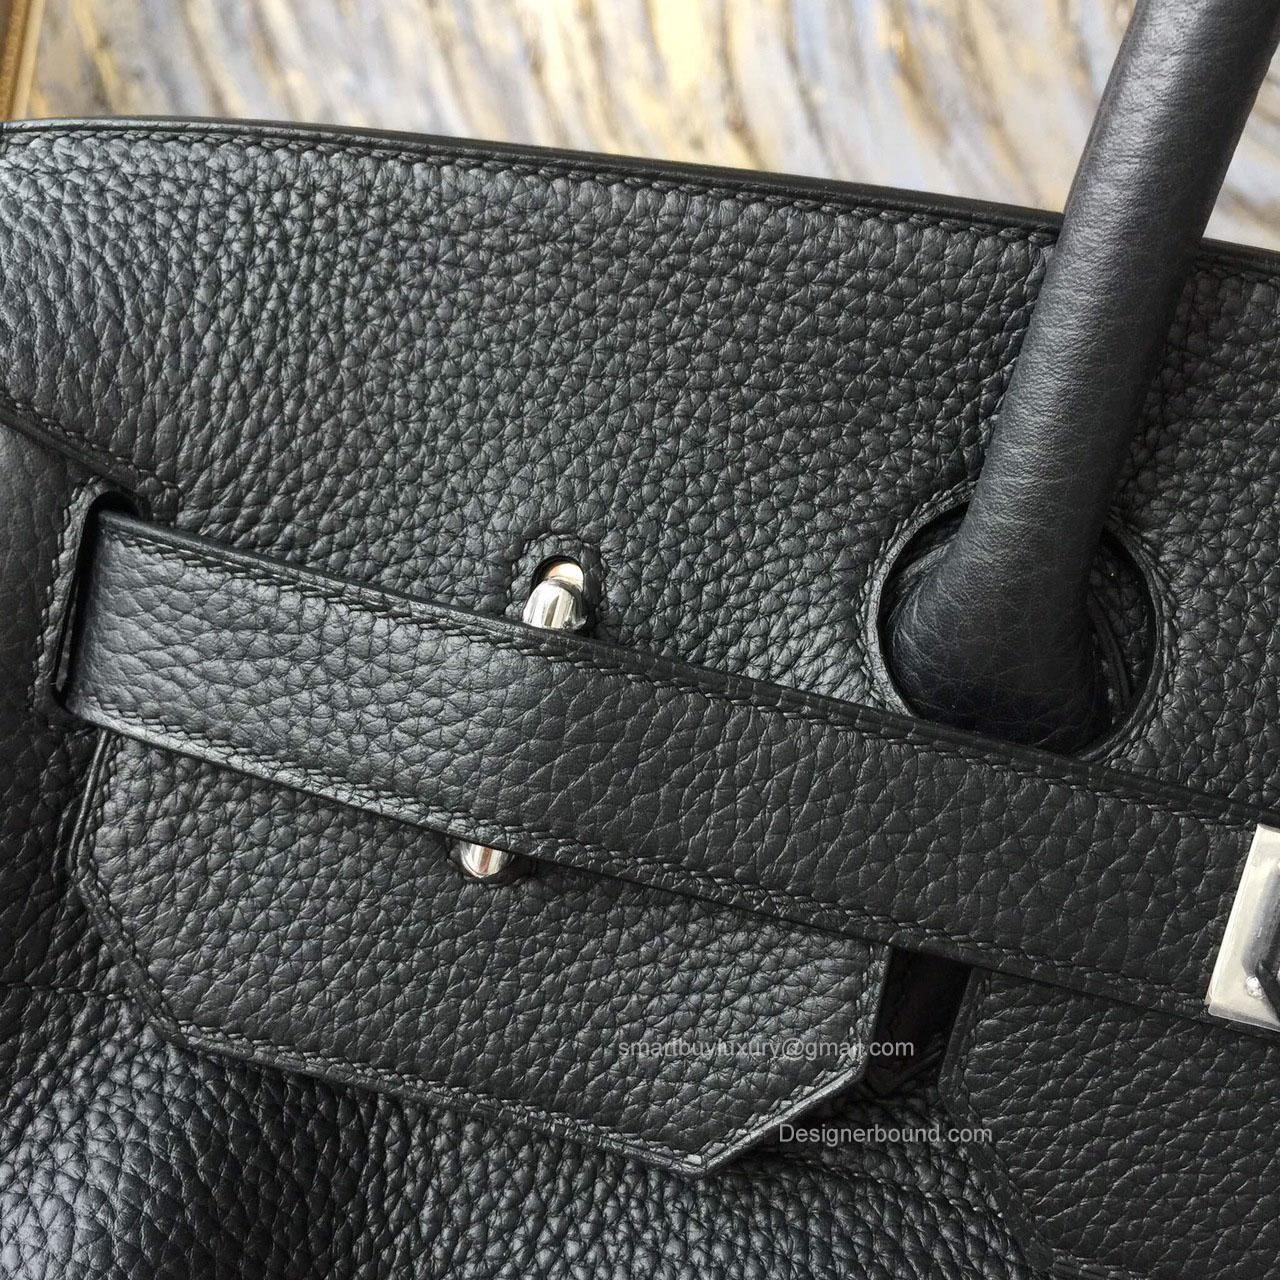 Hermes Birkin Hac 40 Bag Black Togo Leather Handstitched Silver hw - b4a2d4dd74e85